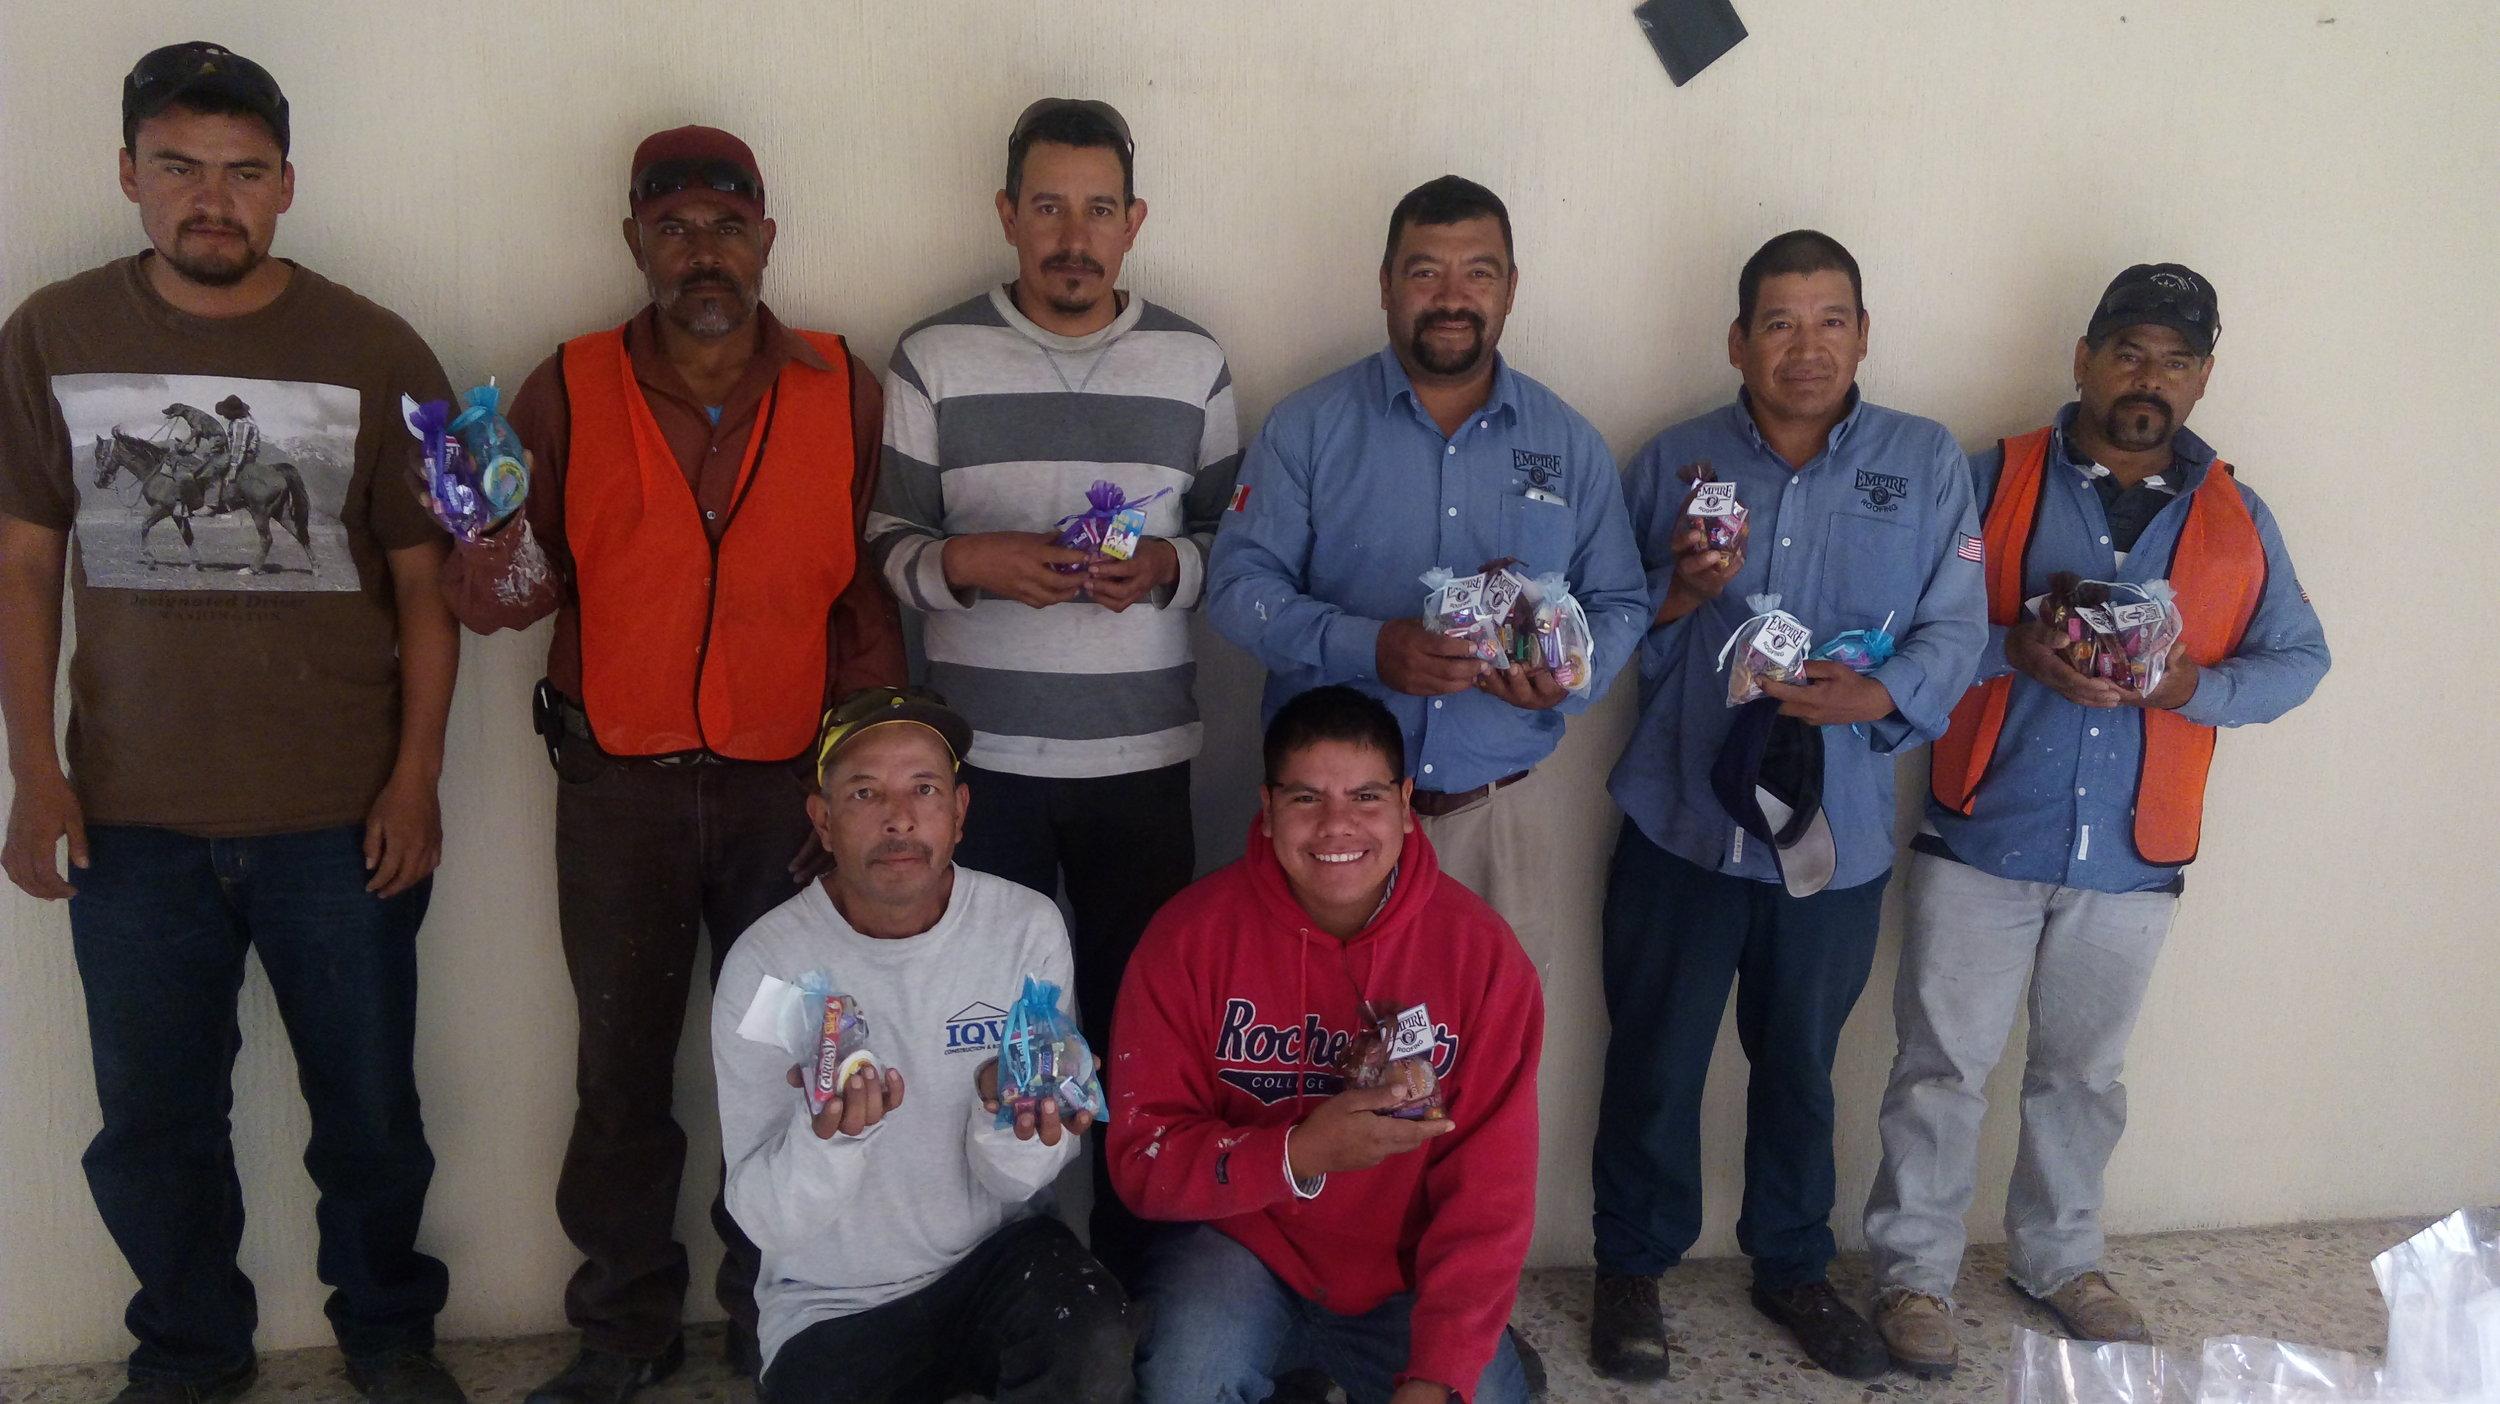 Empire Roofing Mexico, Volunteering